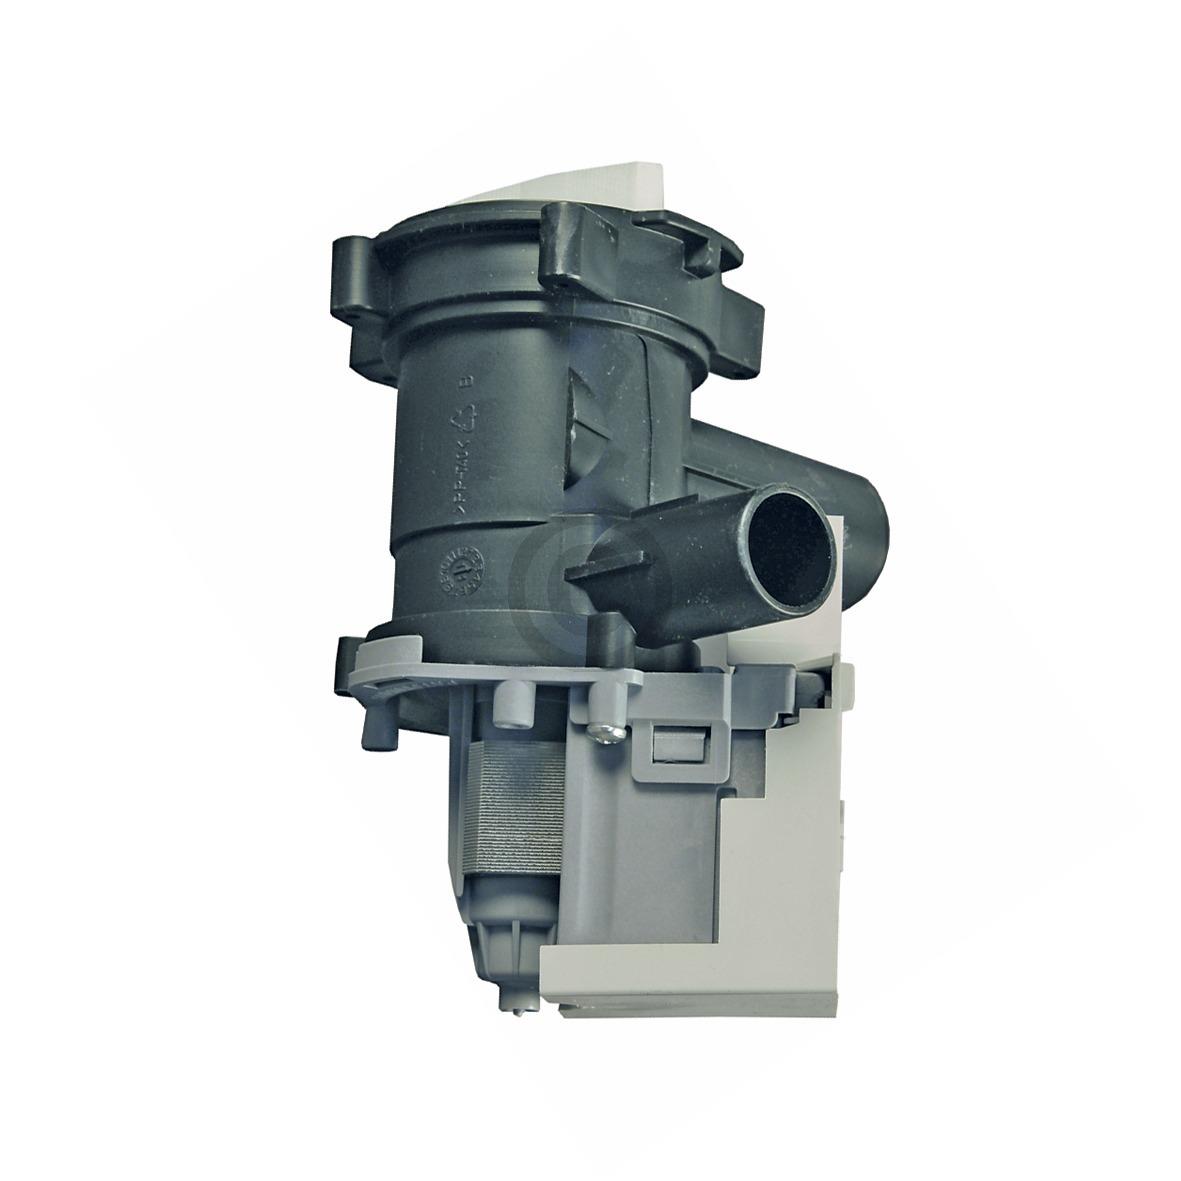 Ablaufpumpe Bosch 00145787 Askoll mit Pumpenkopf und Sieb für Waschmaschine